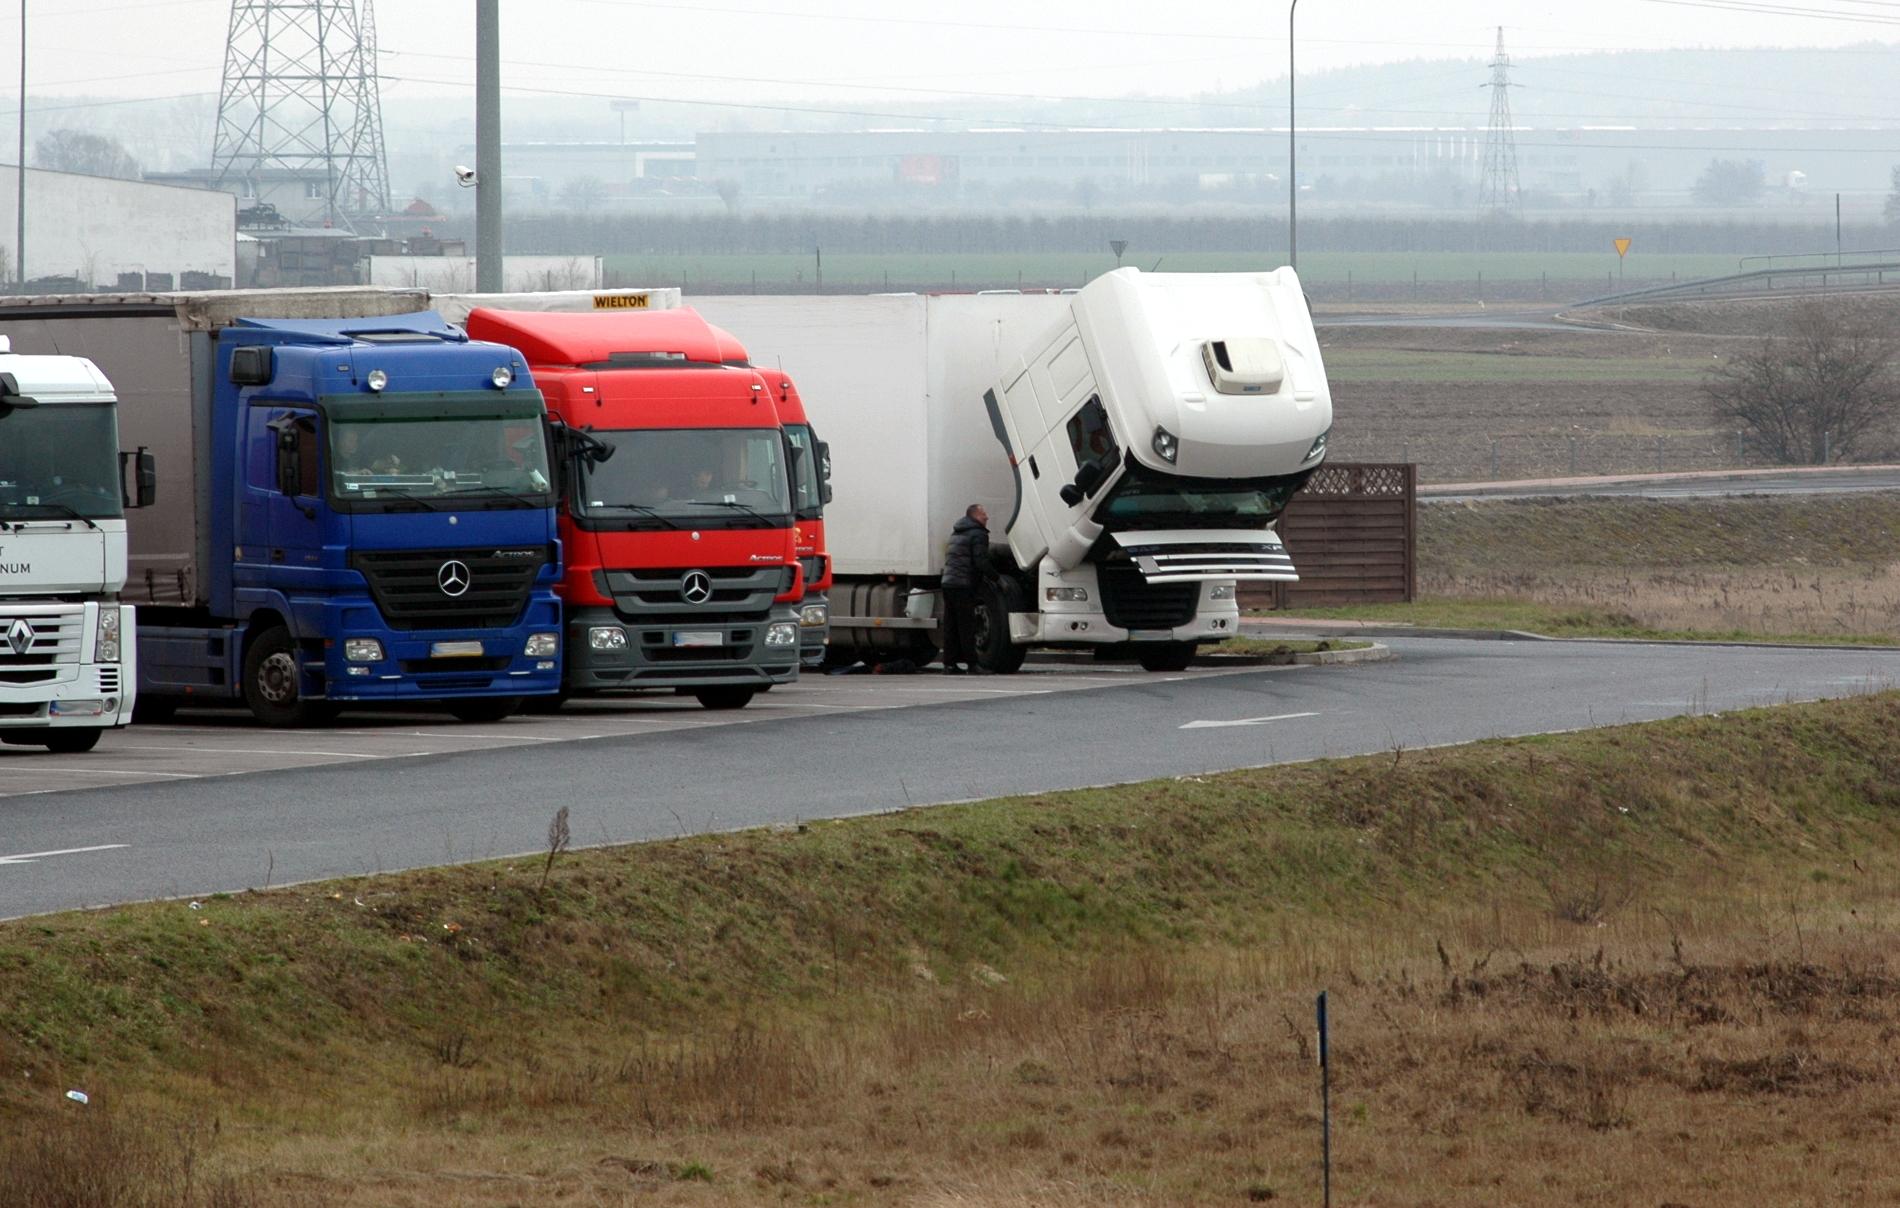 Zakazy ruchu ciężarówek w Polsce w 2021 r. Sprawdź kalendarz ograniczeń